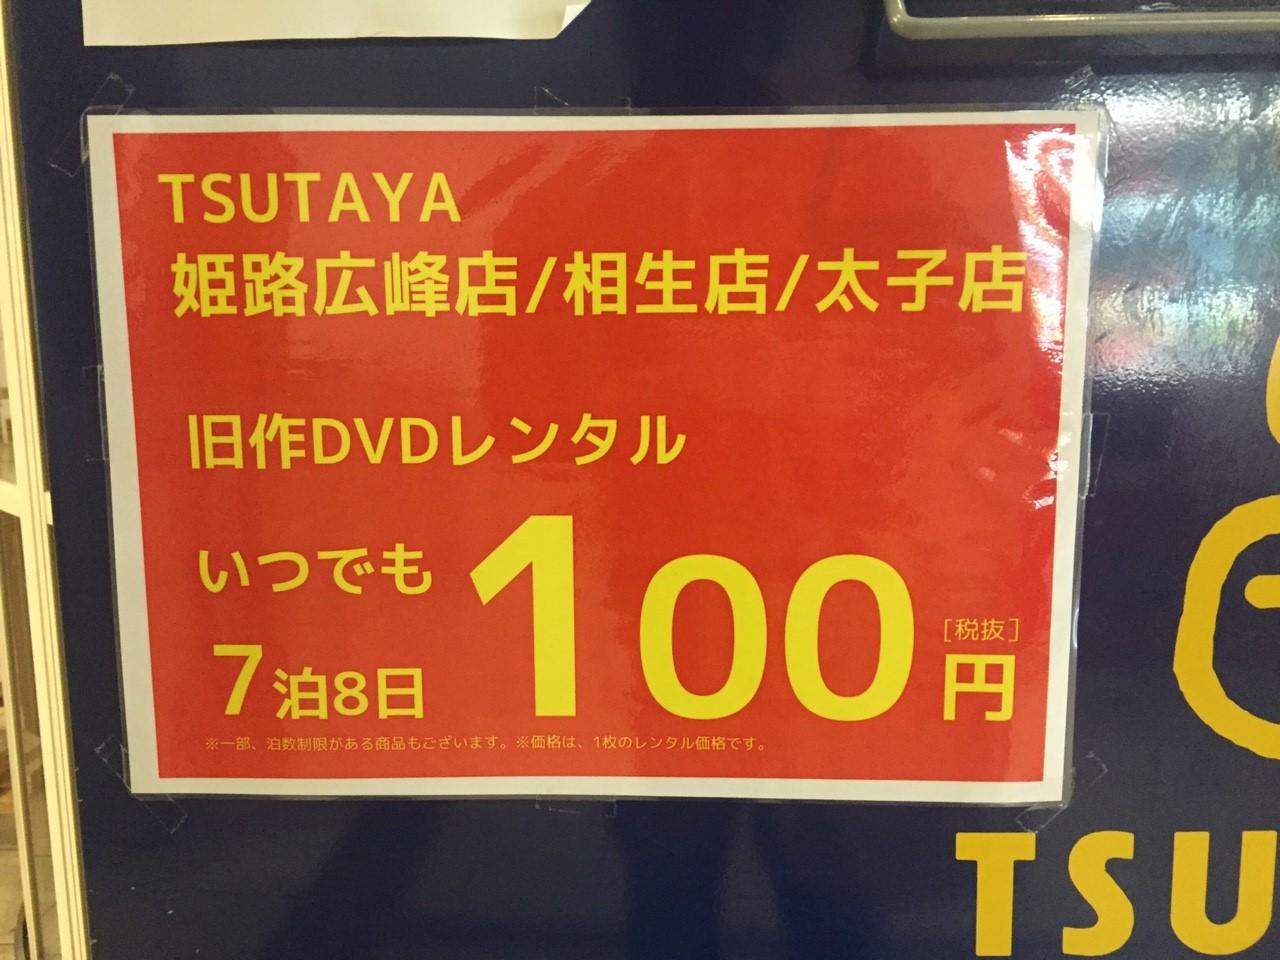 いまさら神姫バス構内にTSUTAYA返却_8518